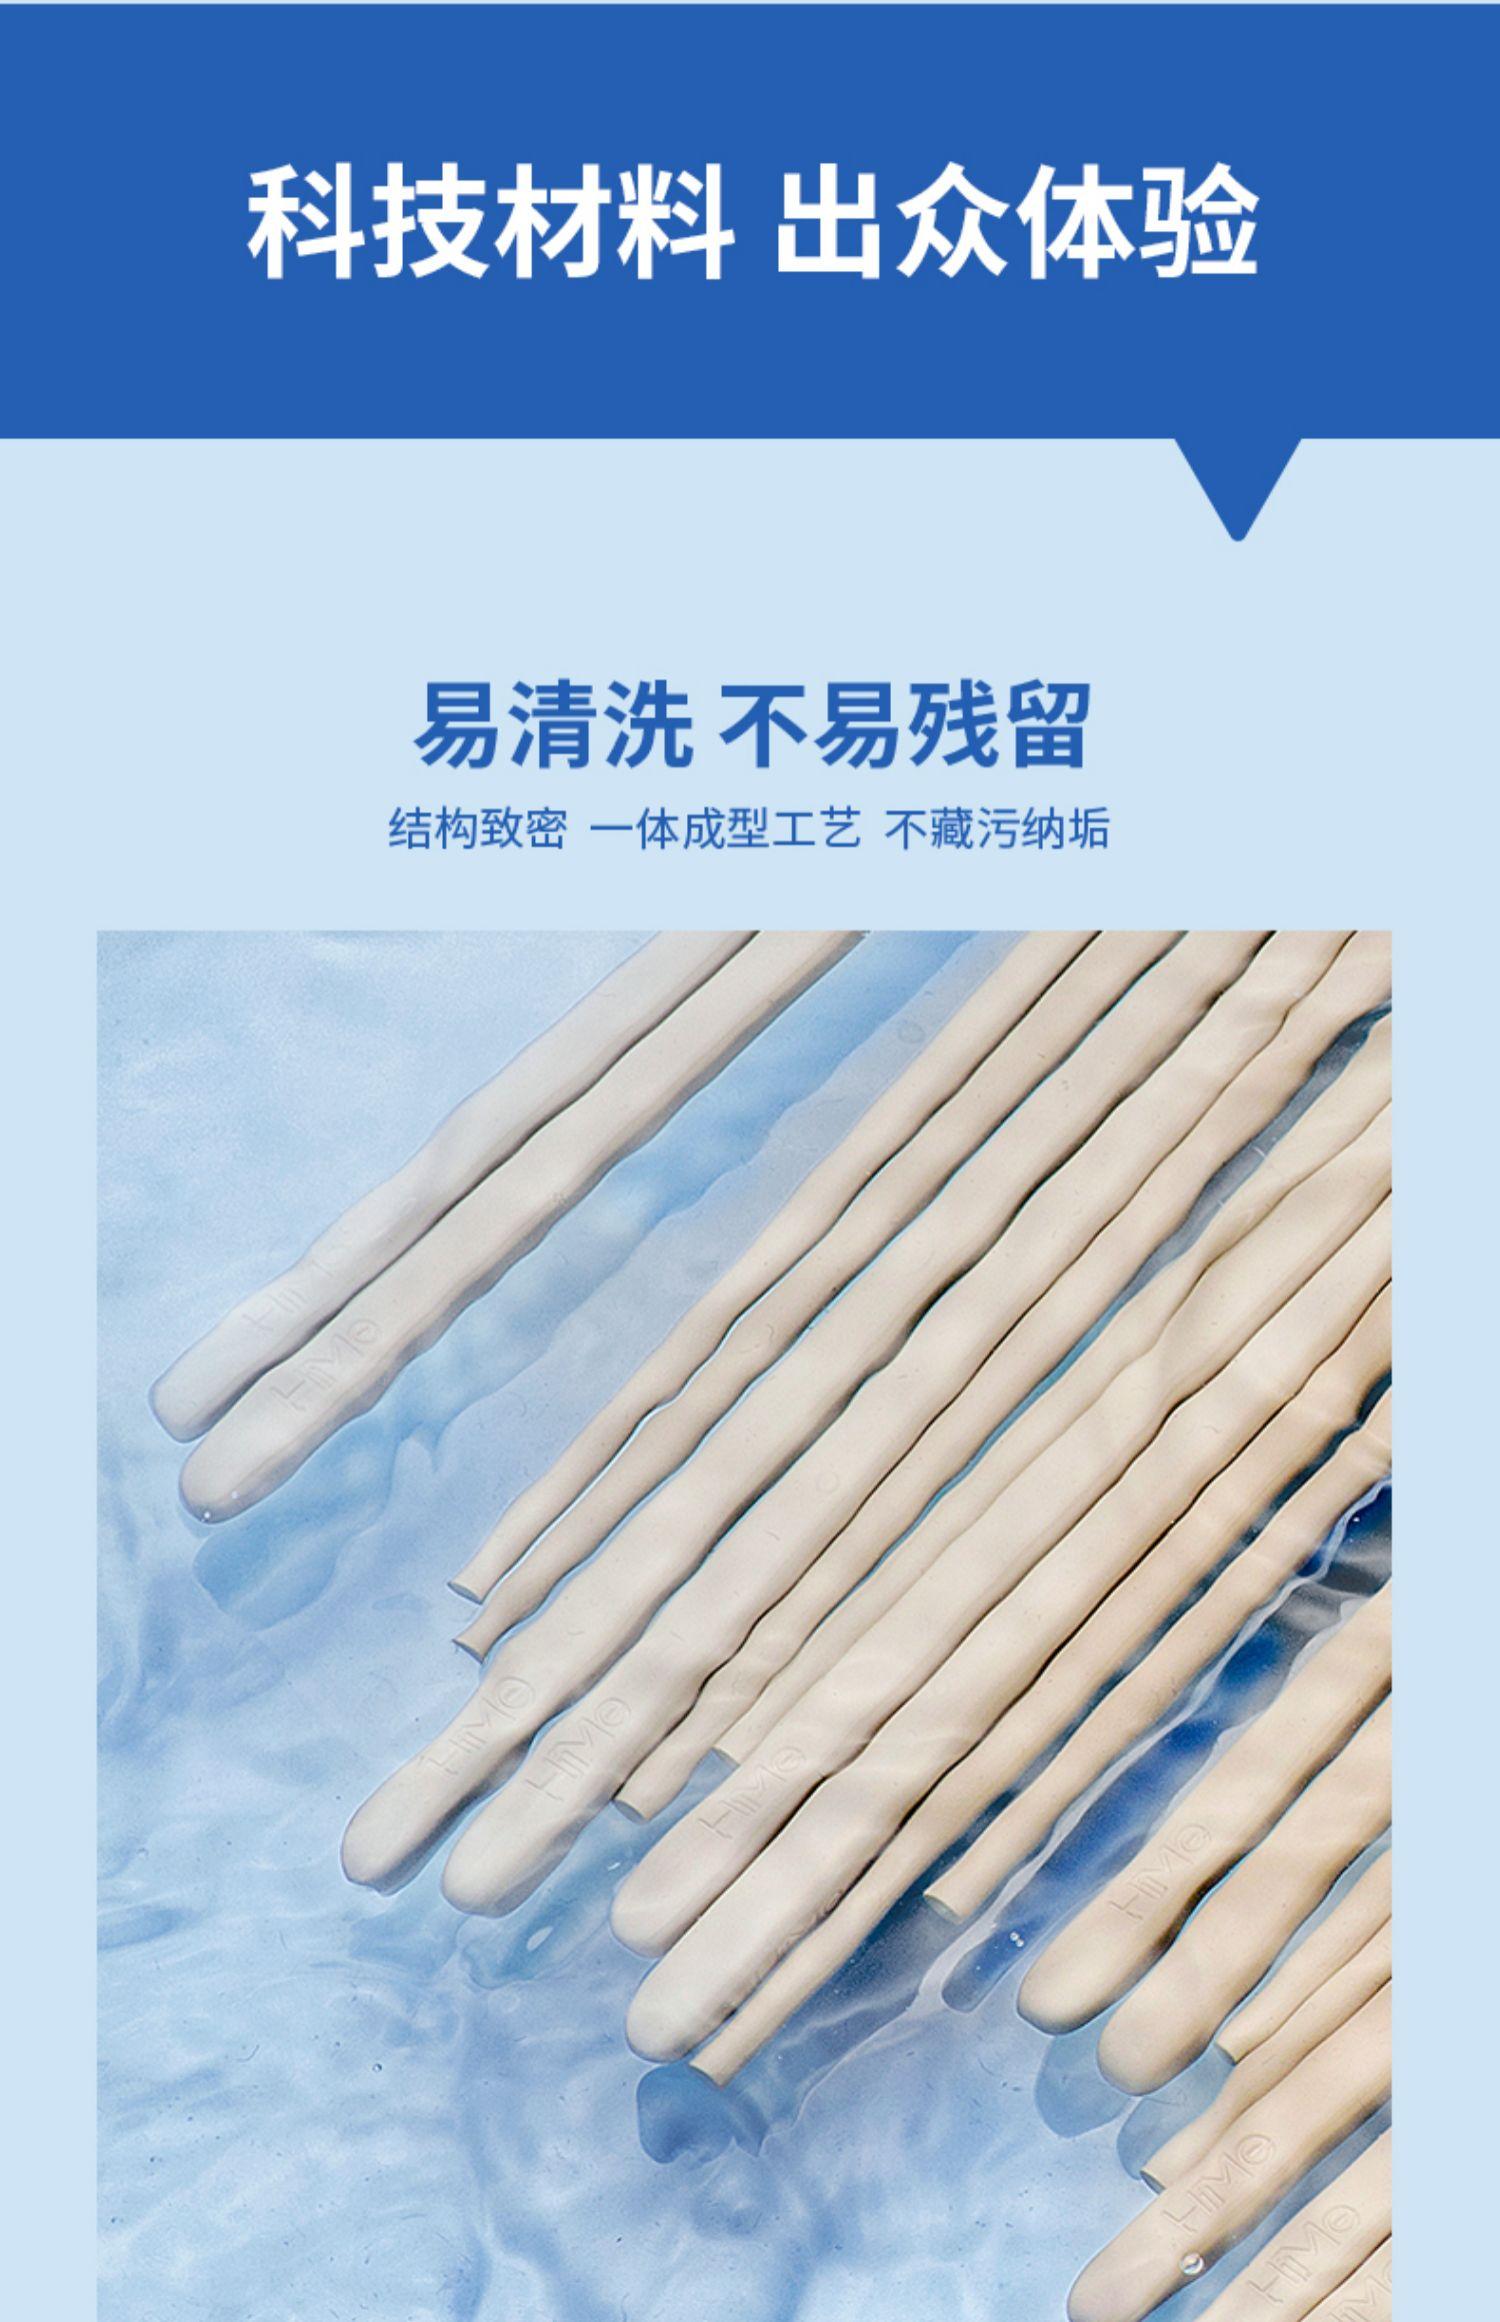 【嗨米筷】黑色b8清爽版家用高档筷子